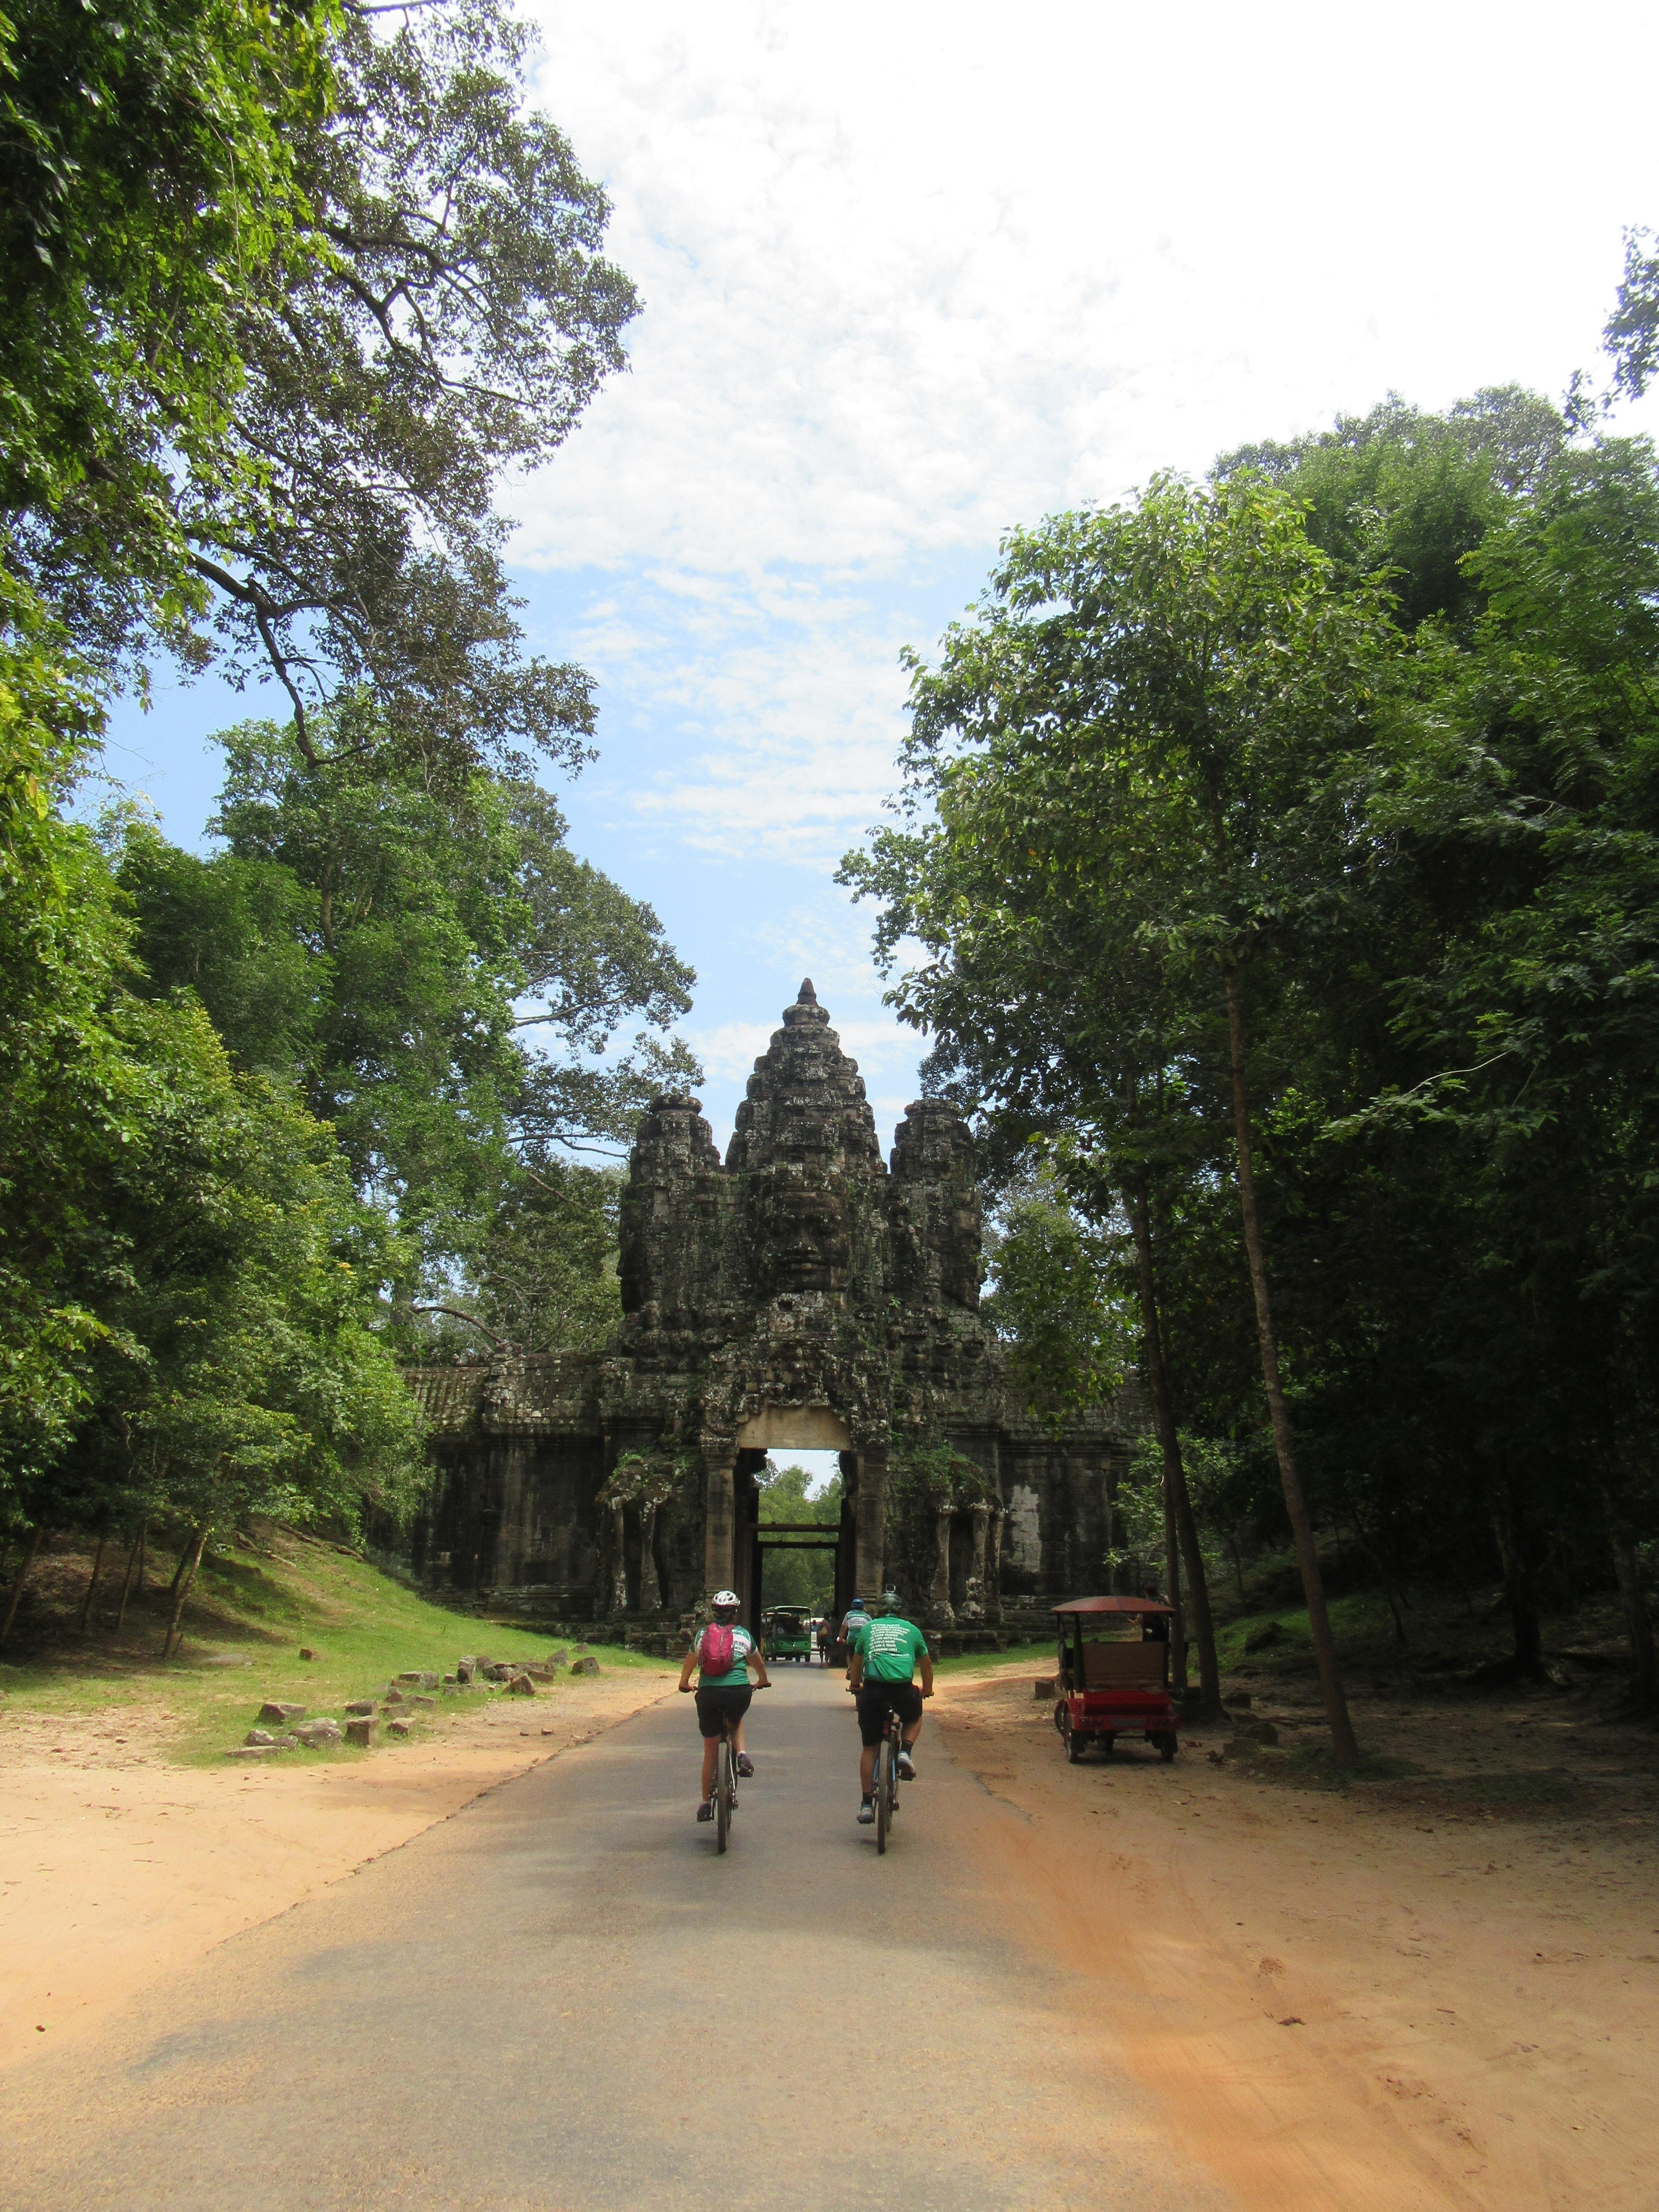 Cycling_into_Angkor_Wat_Cambodia-384599-edited.jpg